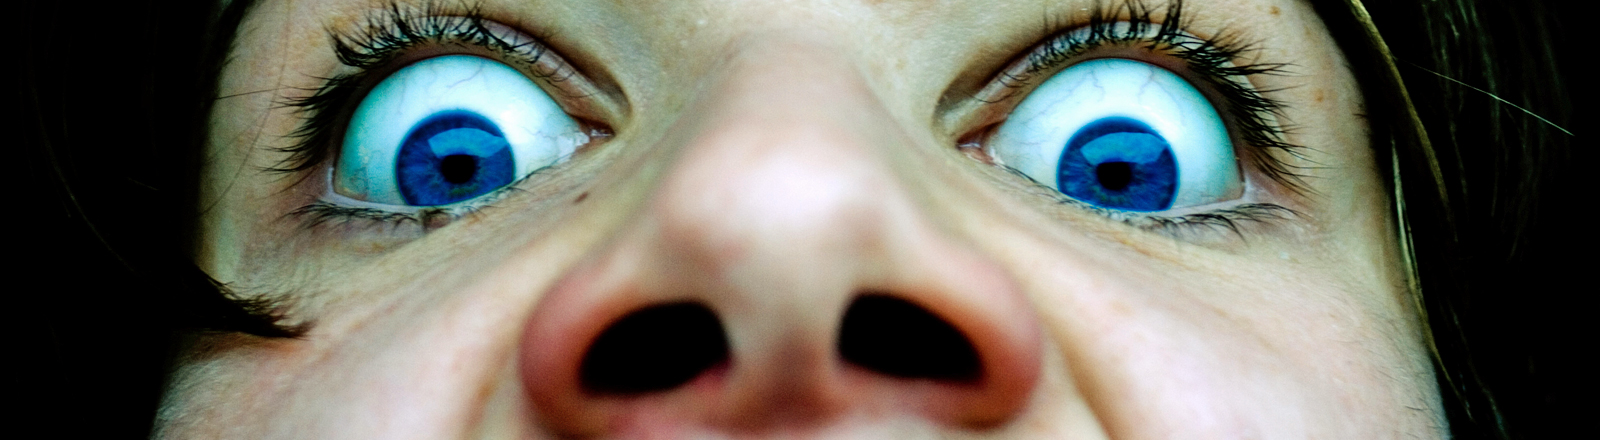 Eine Frau starrt mit weit aufgerissenen Augen über ihre Nase hinweg.